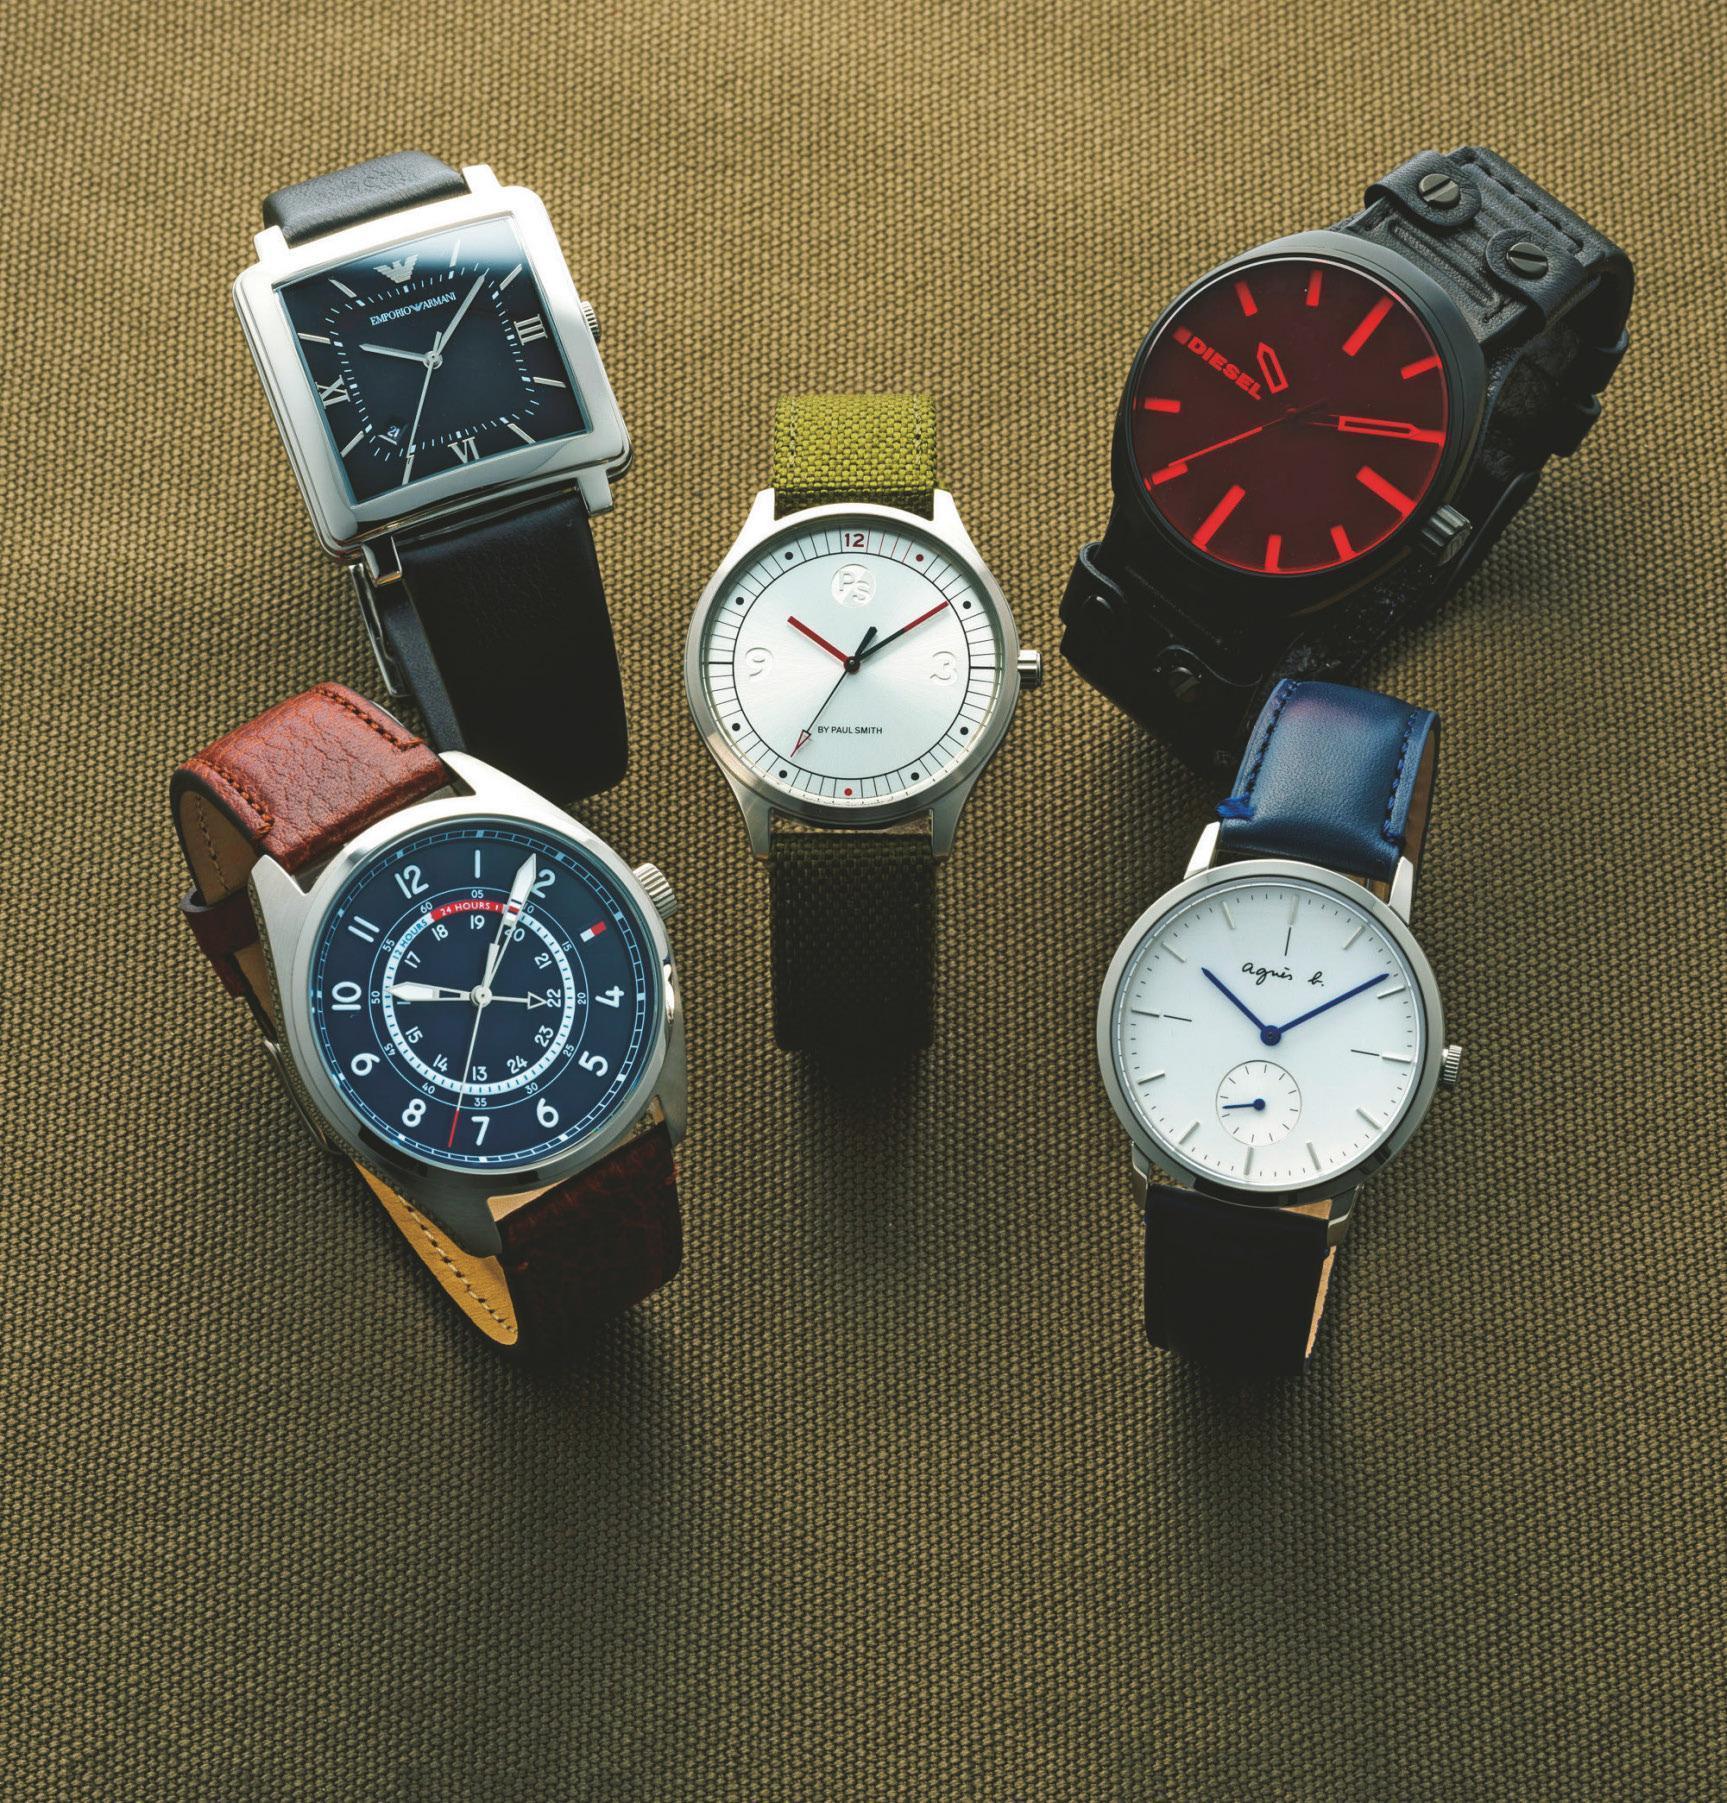 アルマーニもディーゼルも!3万円以下の高見えブランド時計5選<br />